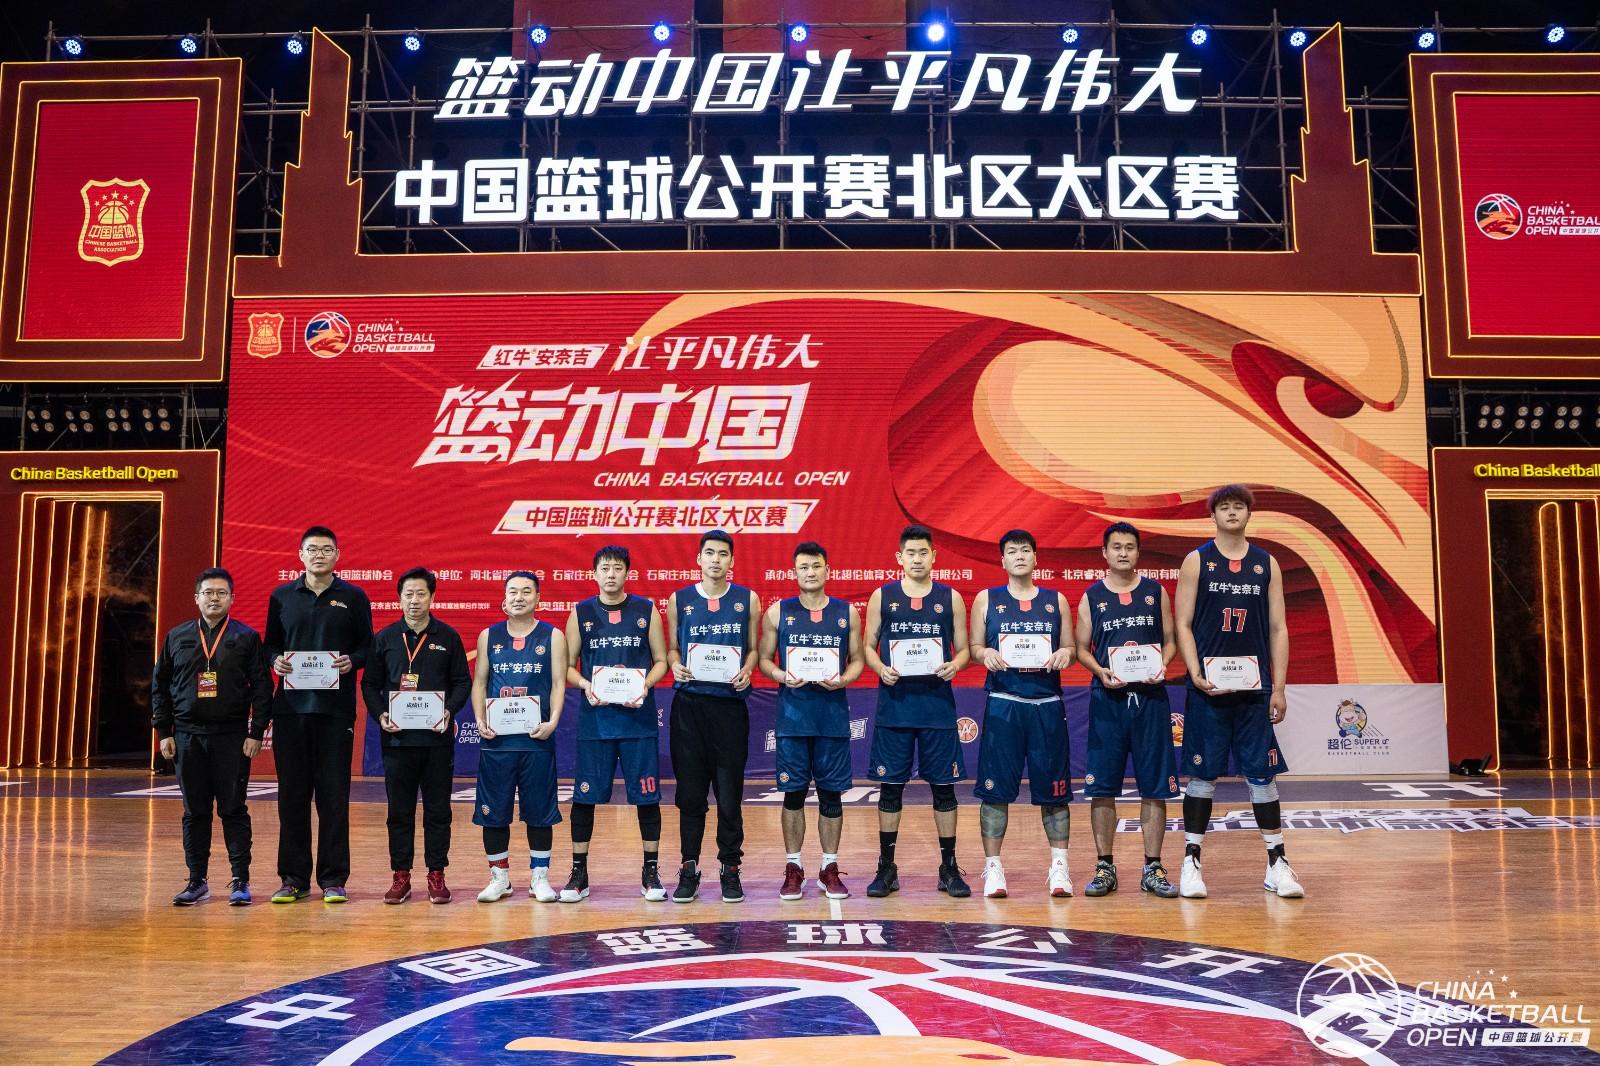 2019中国篮球公开赛北区大区赛落幕,大庆力克吉林夺冠